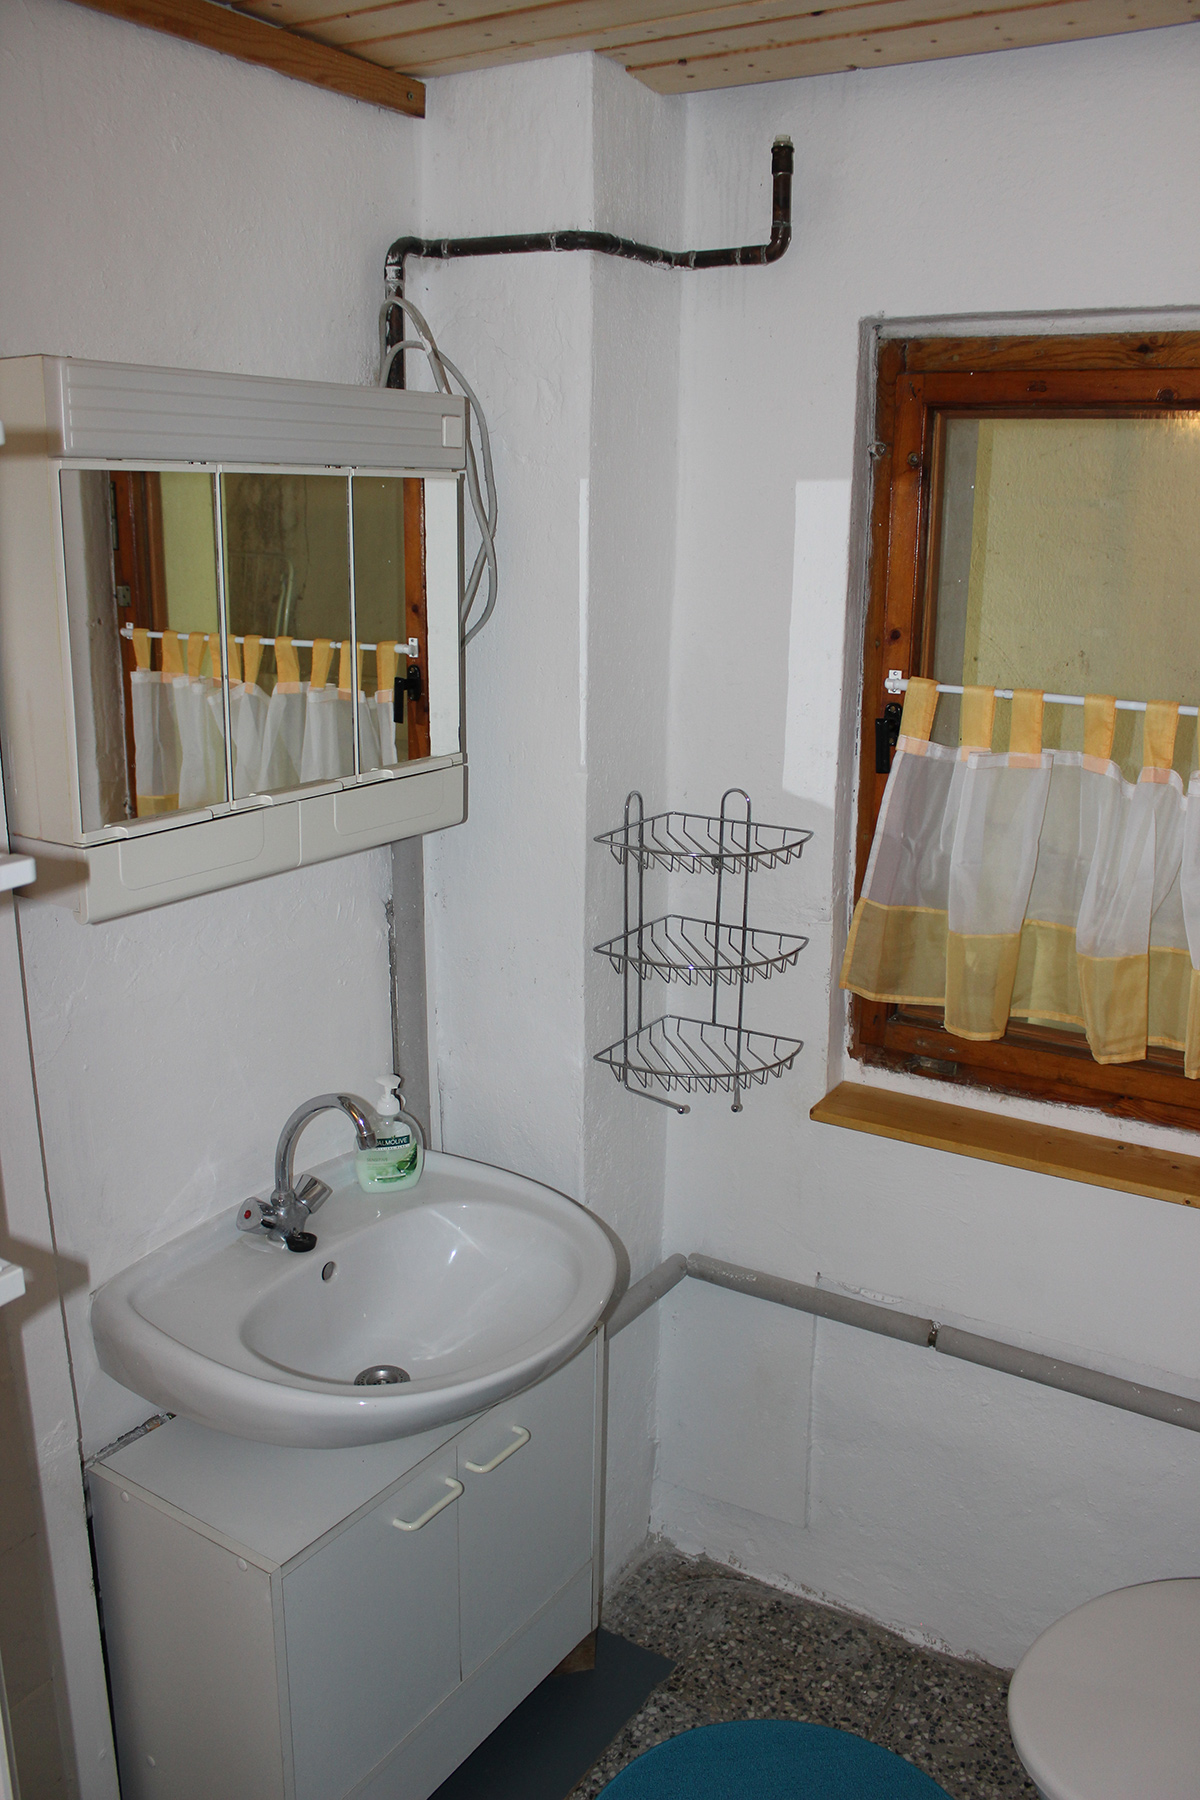 Ferienhaus-Uckermark mit Dusche und WC immer ein saubere Ferien im Boitzenburger Land schon ab 29,- Euro pro Tag